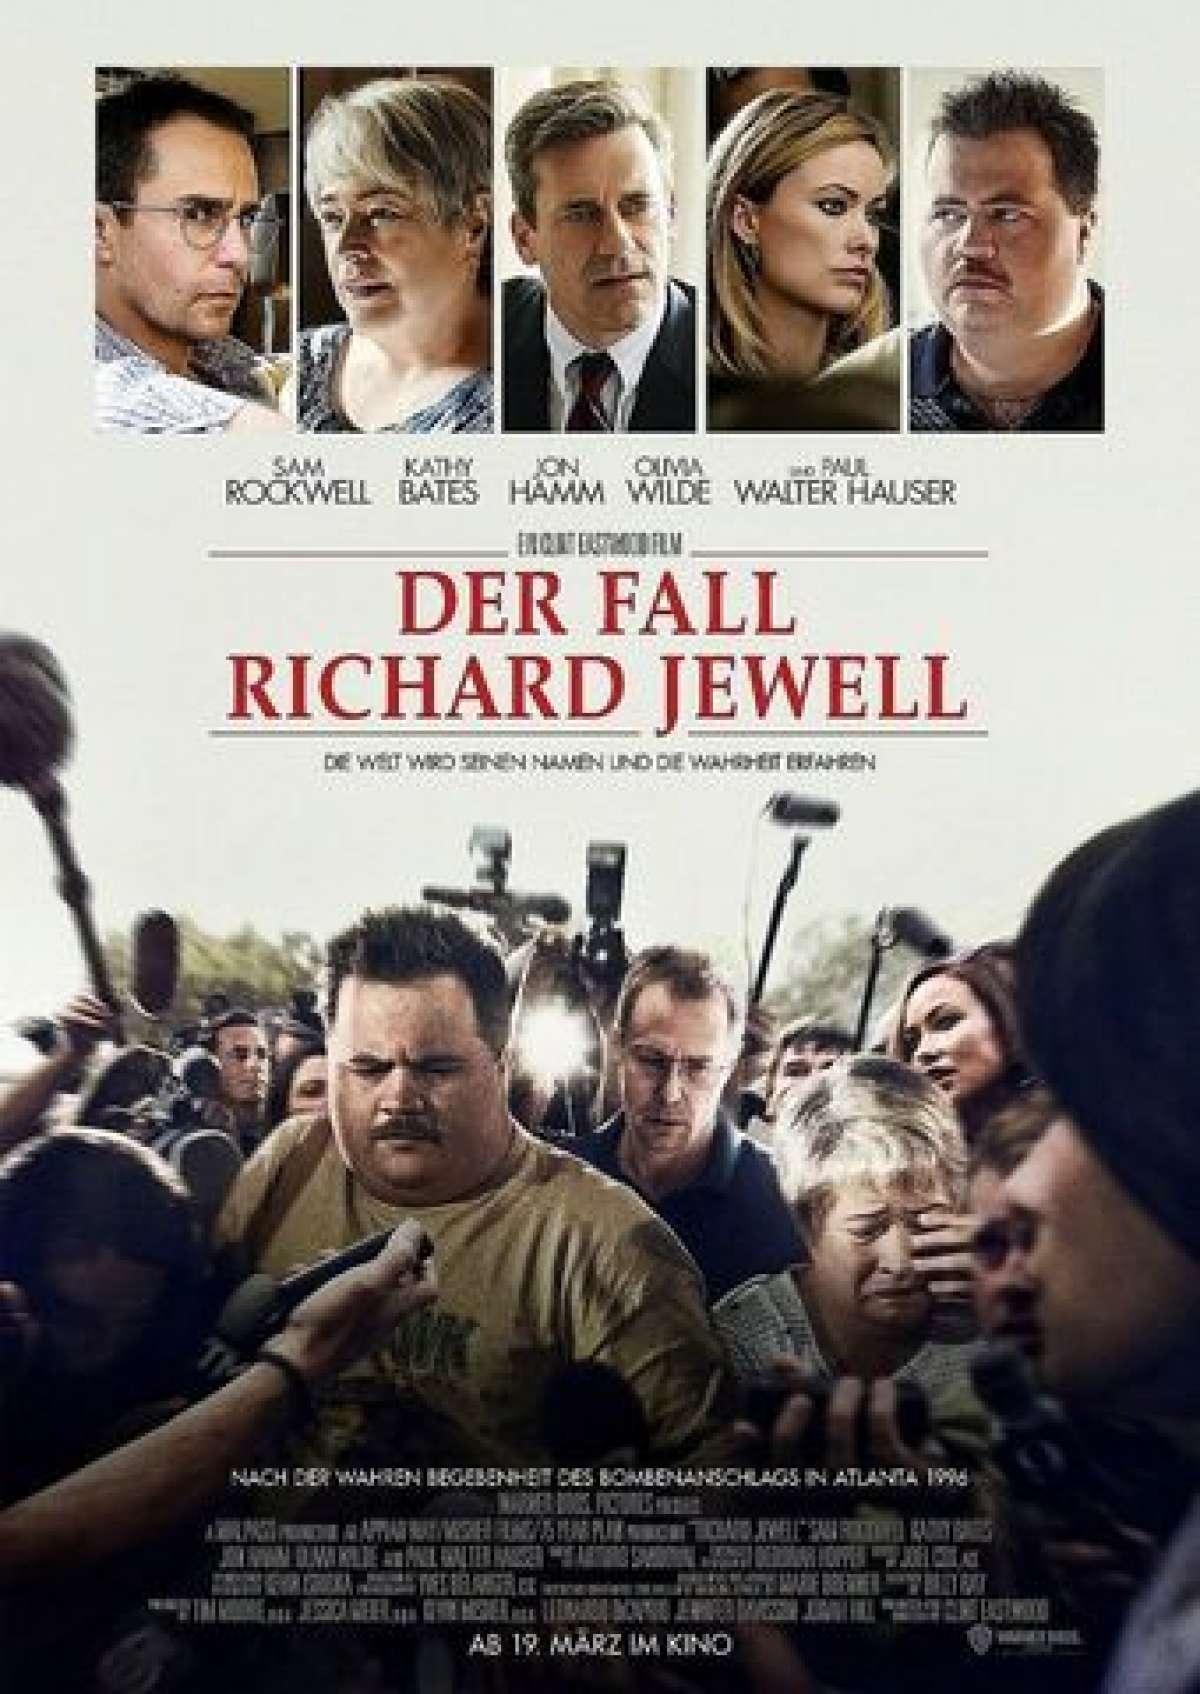 Der Fall Richard Jewell - Cineplex  - Warburg